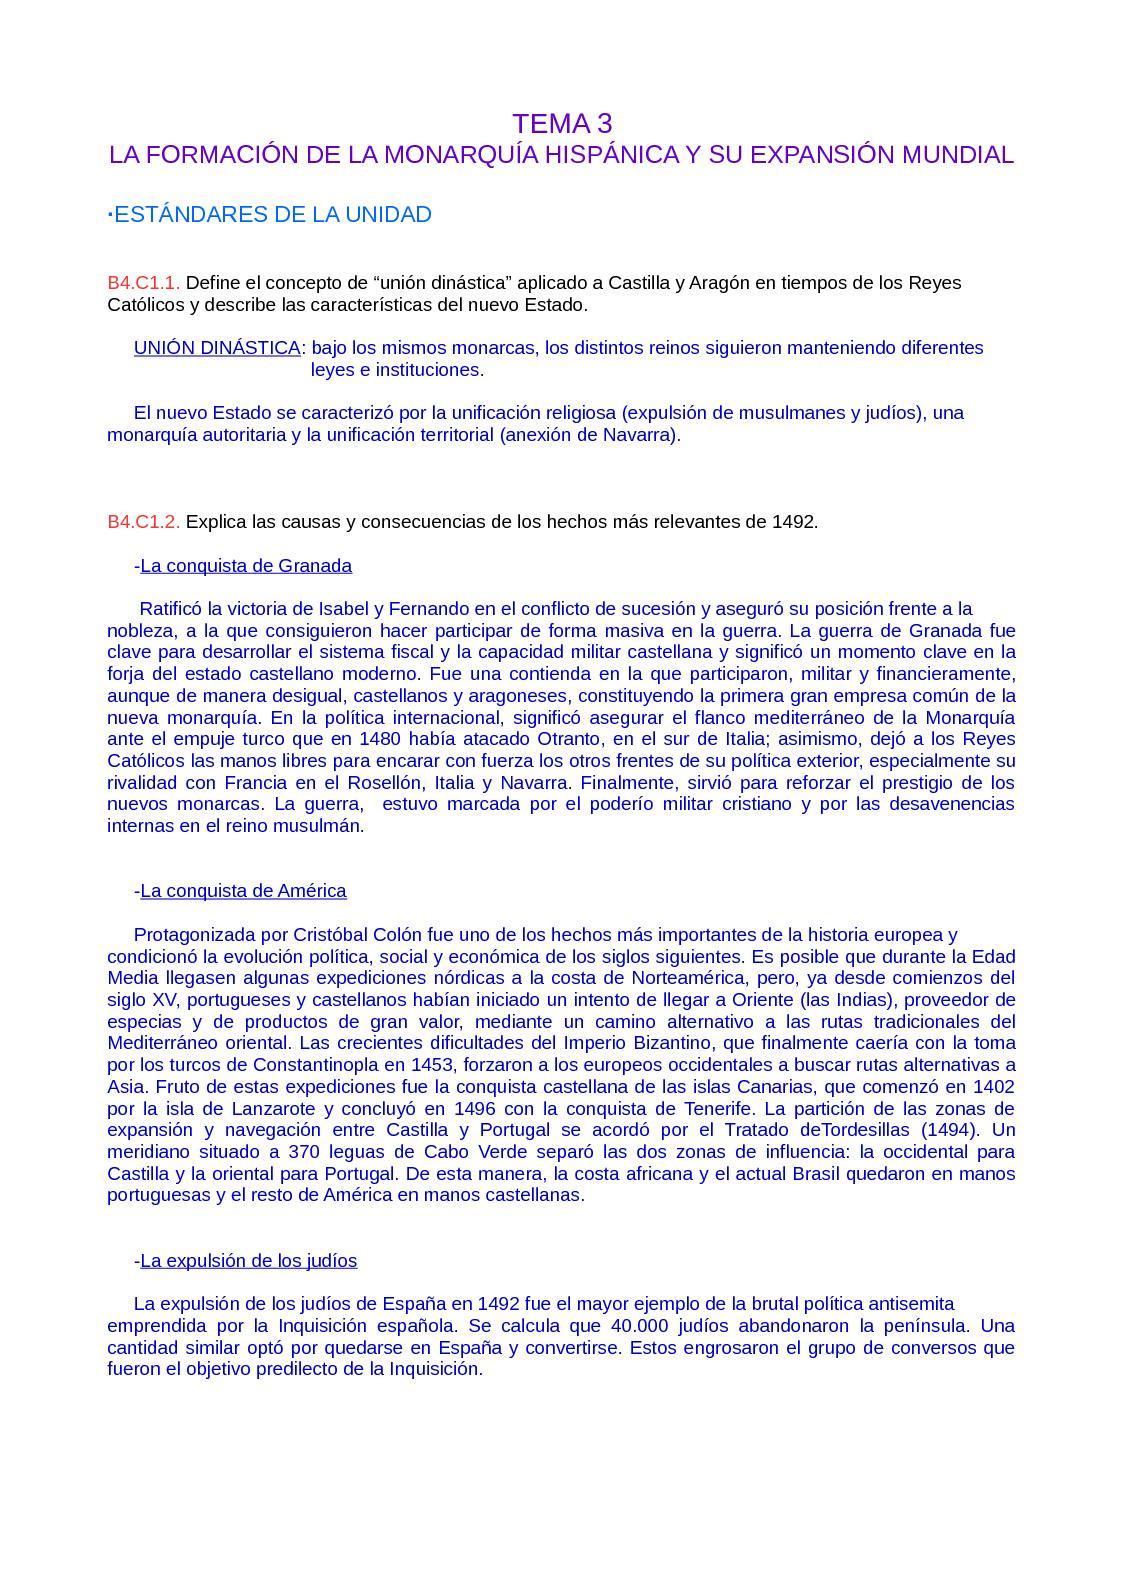 Estándares - Bloque 3